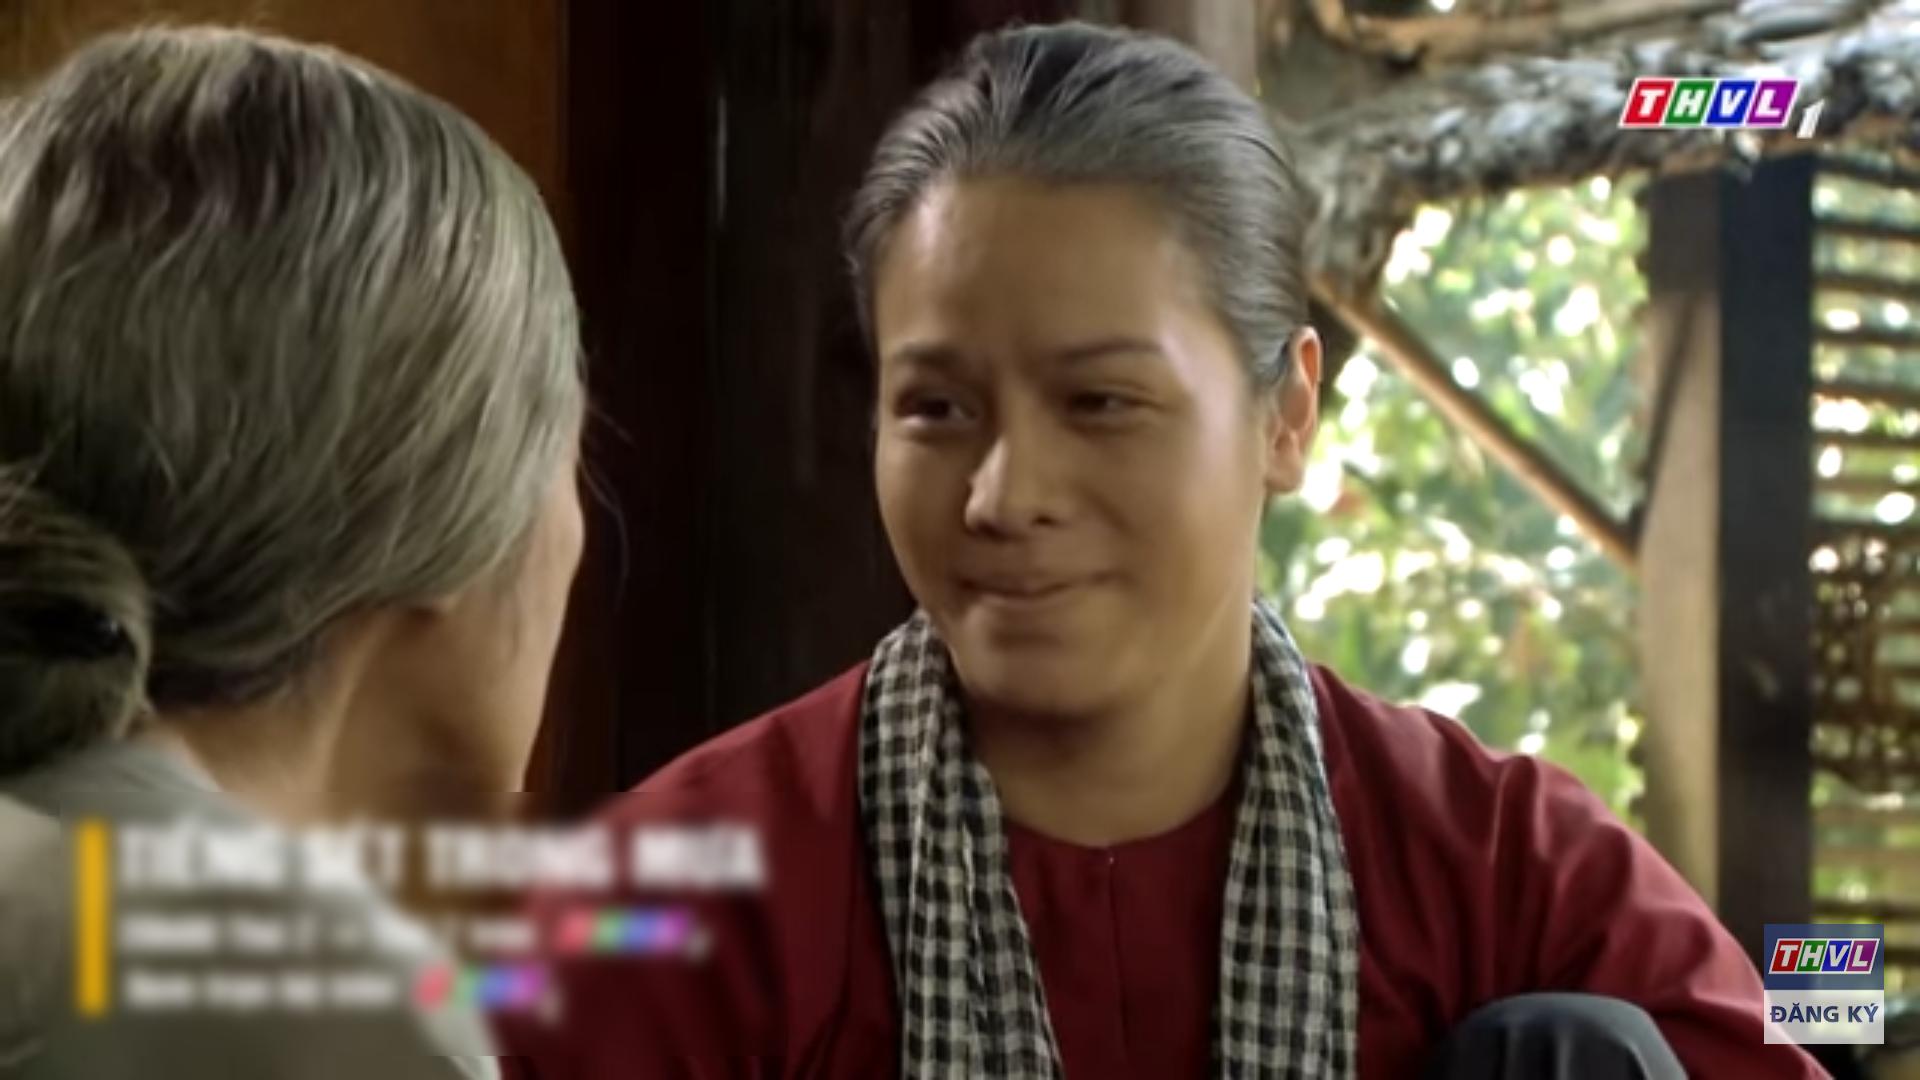 'Tiếng sét trong mưa' trailer tập 42: Hai Sáng lại 'tạo nghiệp' mới, sát hại chồng bà Lẫm vì bị dằn mặt? 10